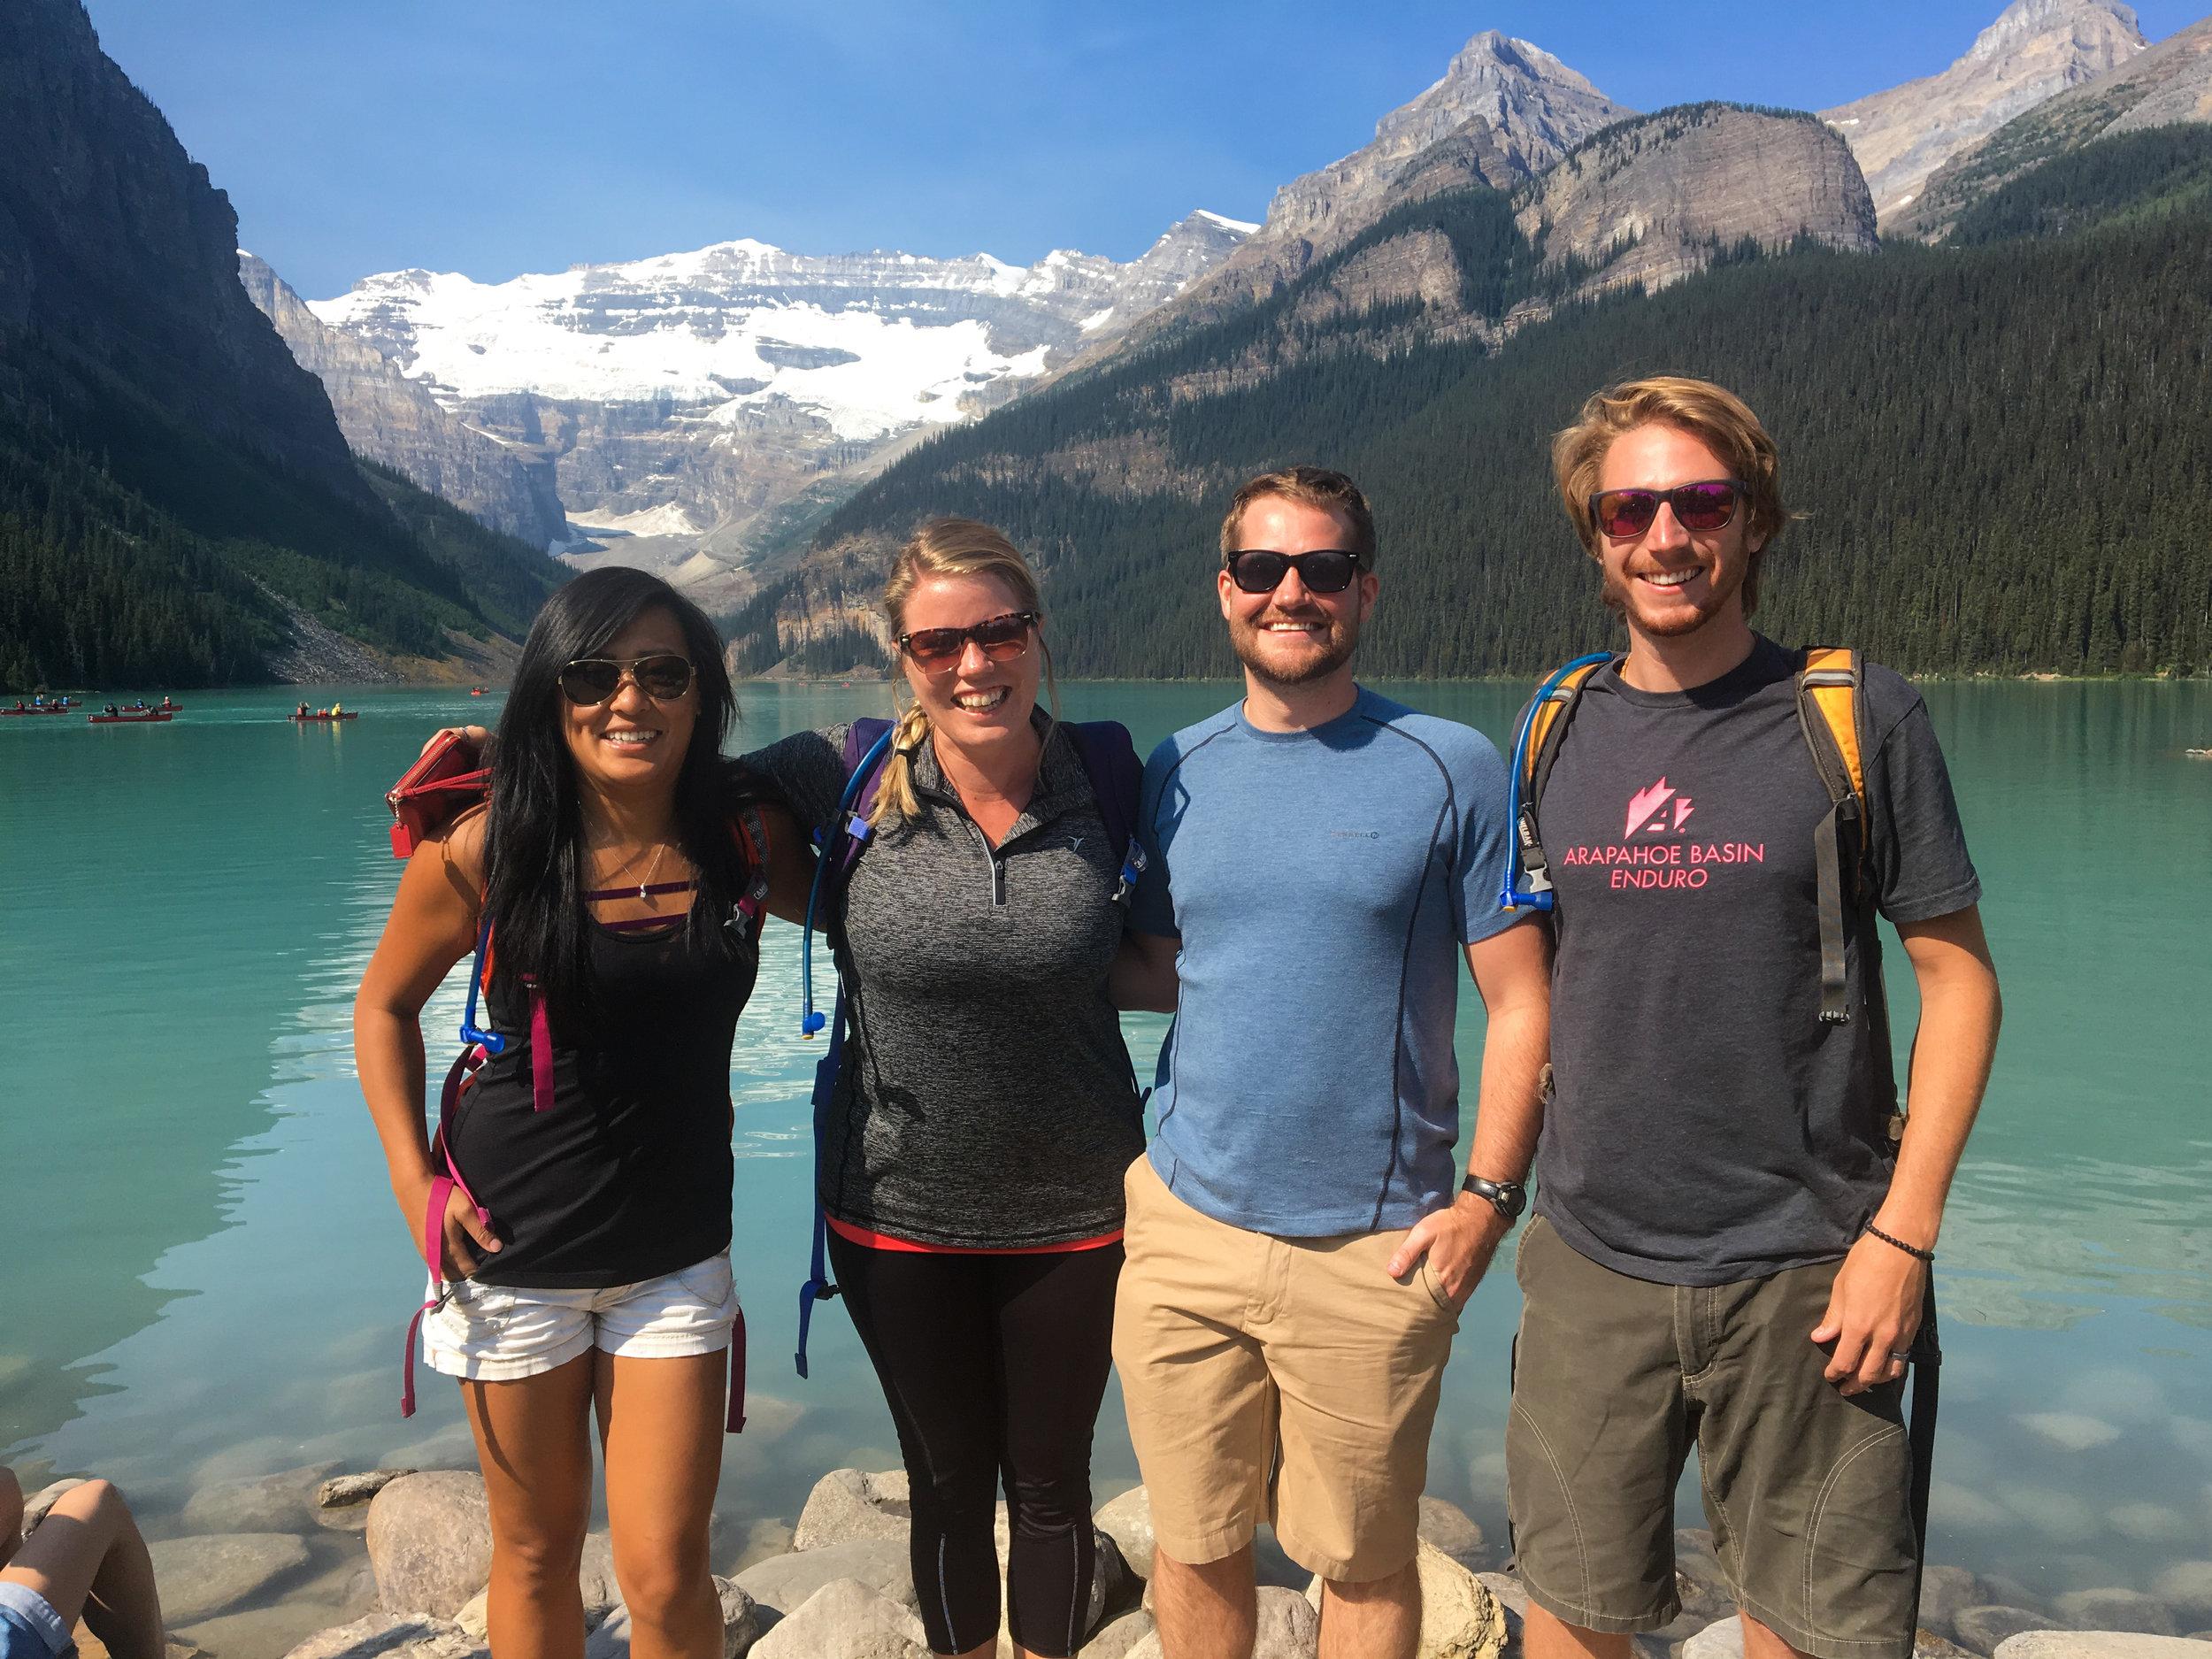 Lake Louise Tourism